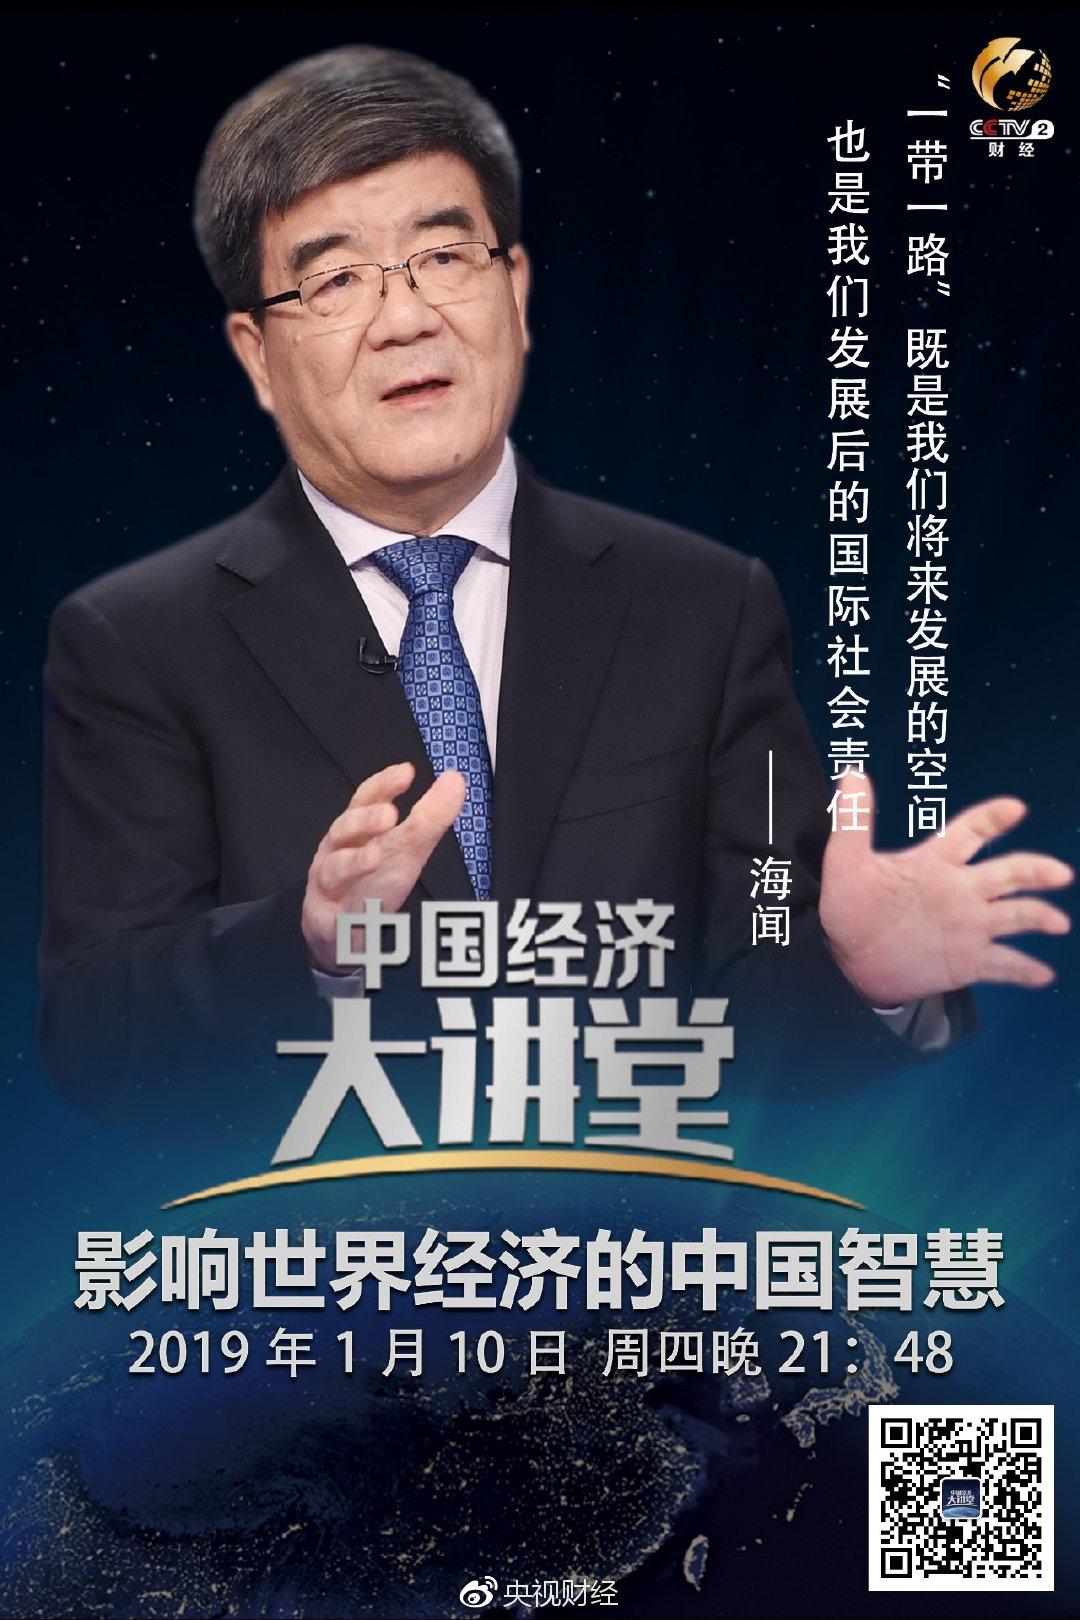 """如何让中国经济增长潜力""""变现""""?北京大学原副校长海闻支了这3招↓"""